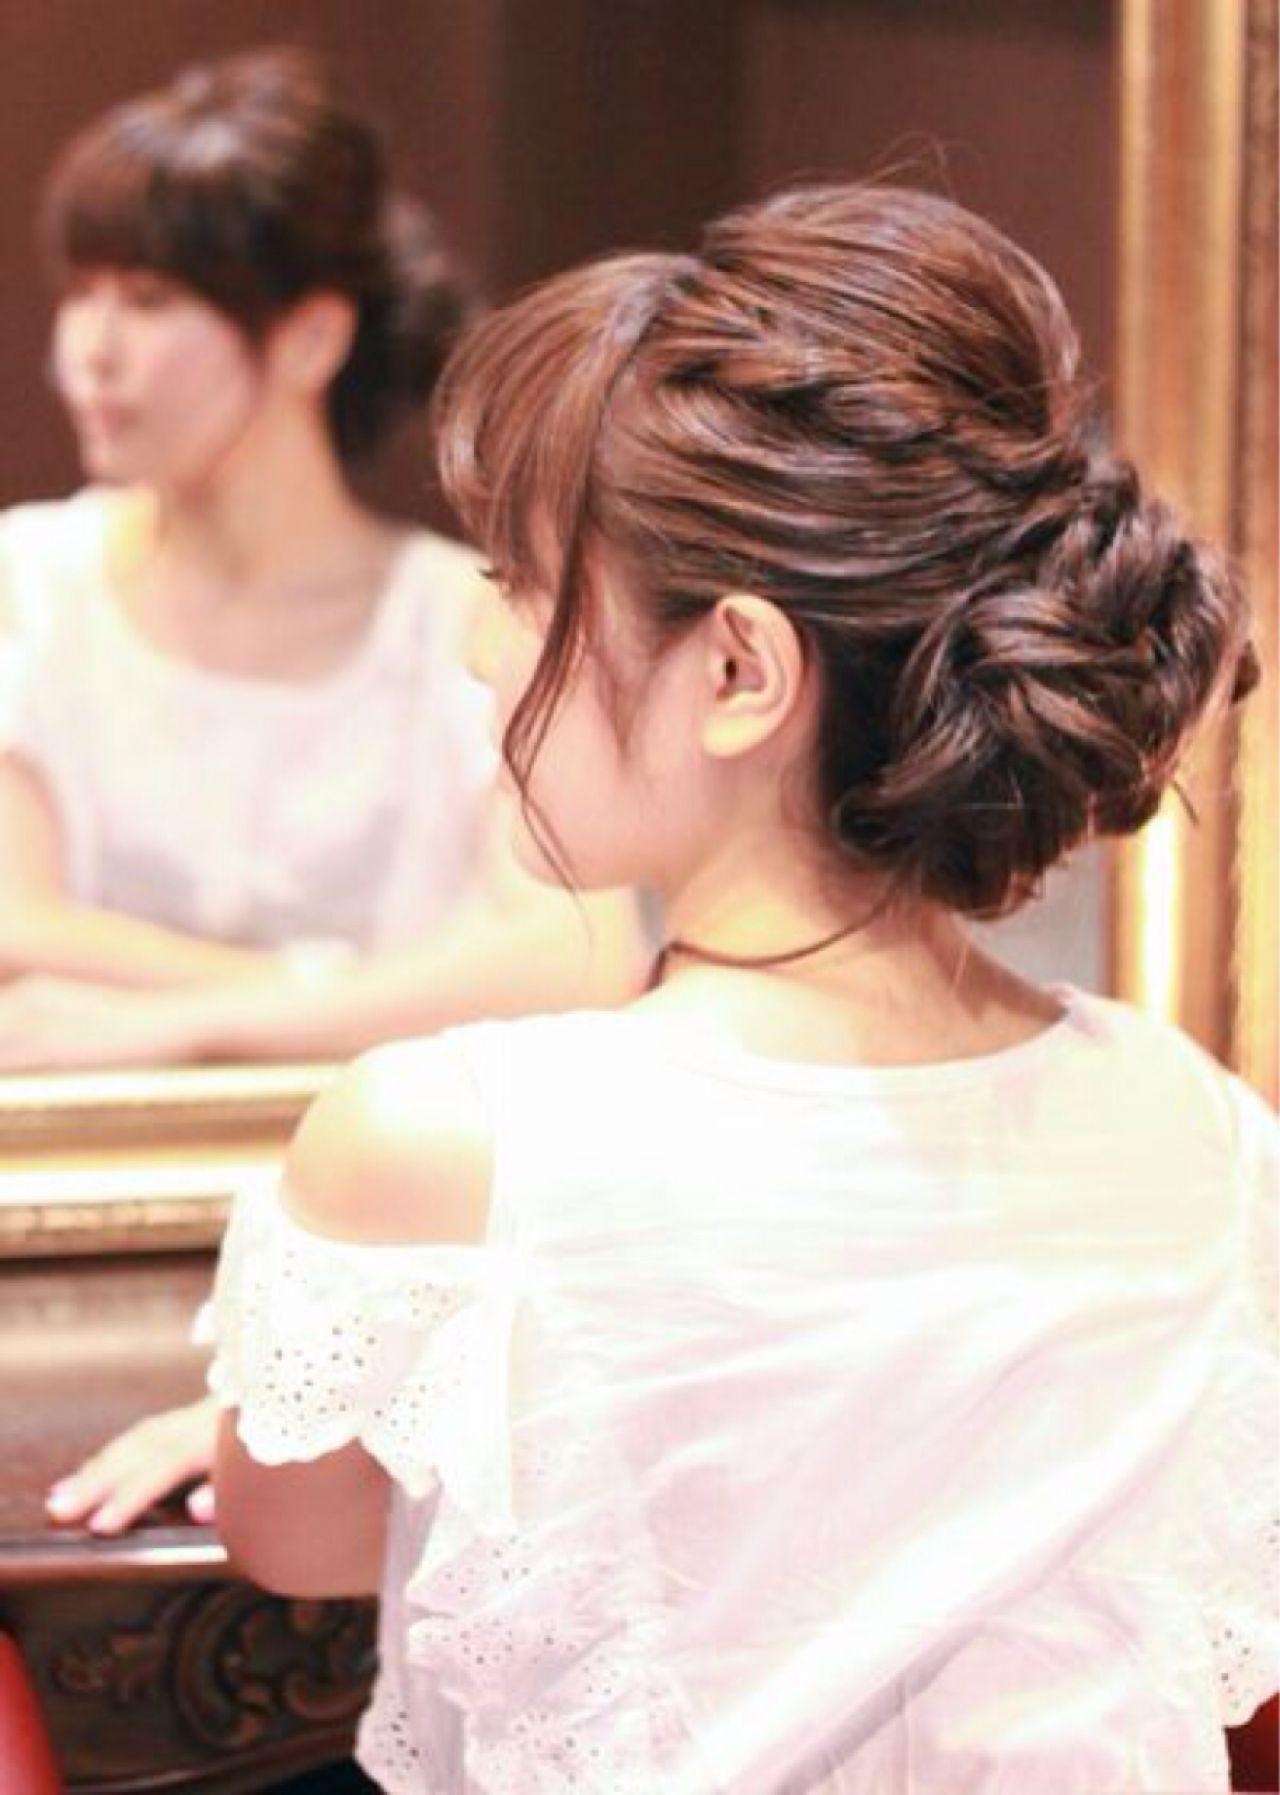 セルフで簡単!結婚式にしていきたい髪型アレンジを徹底解説 佐伯 龍 | ROYS(ロイス)